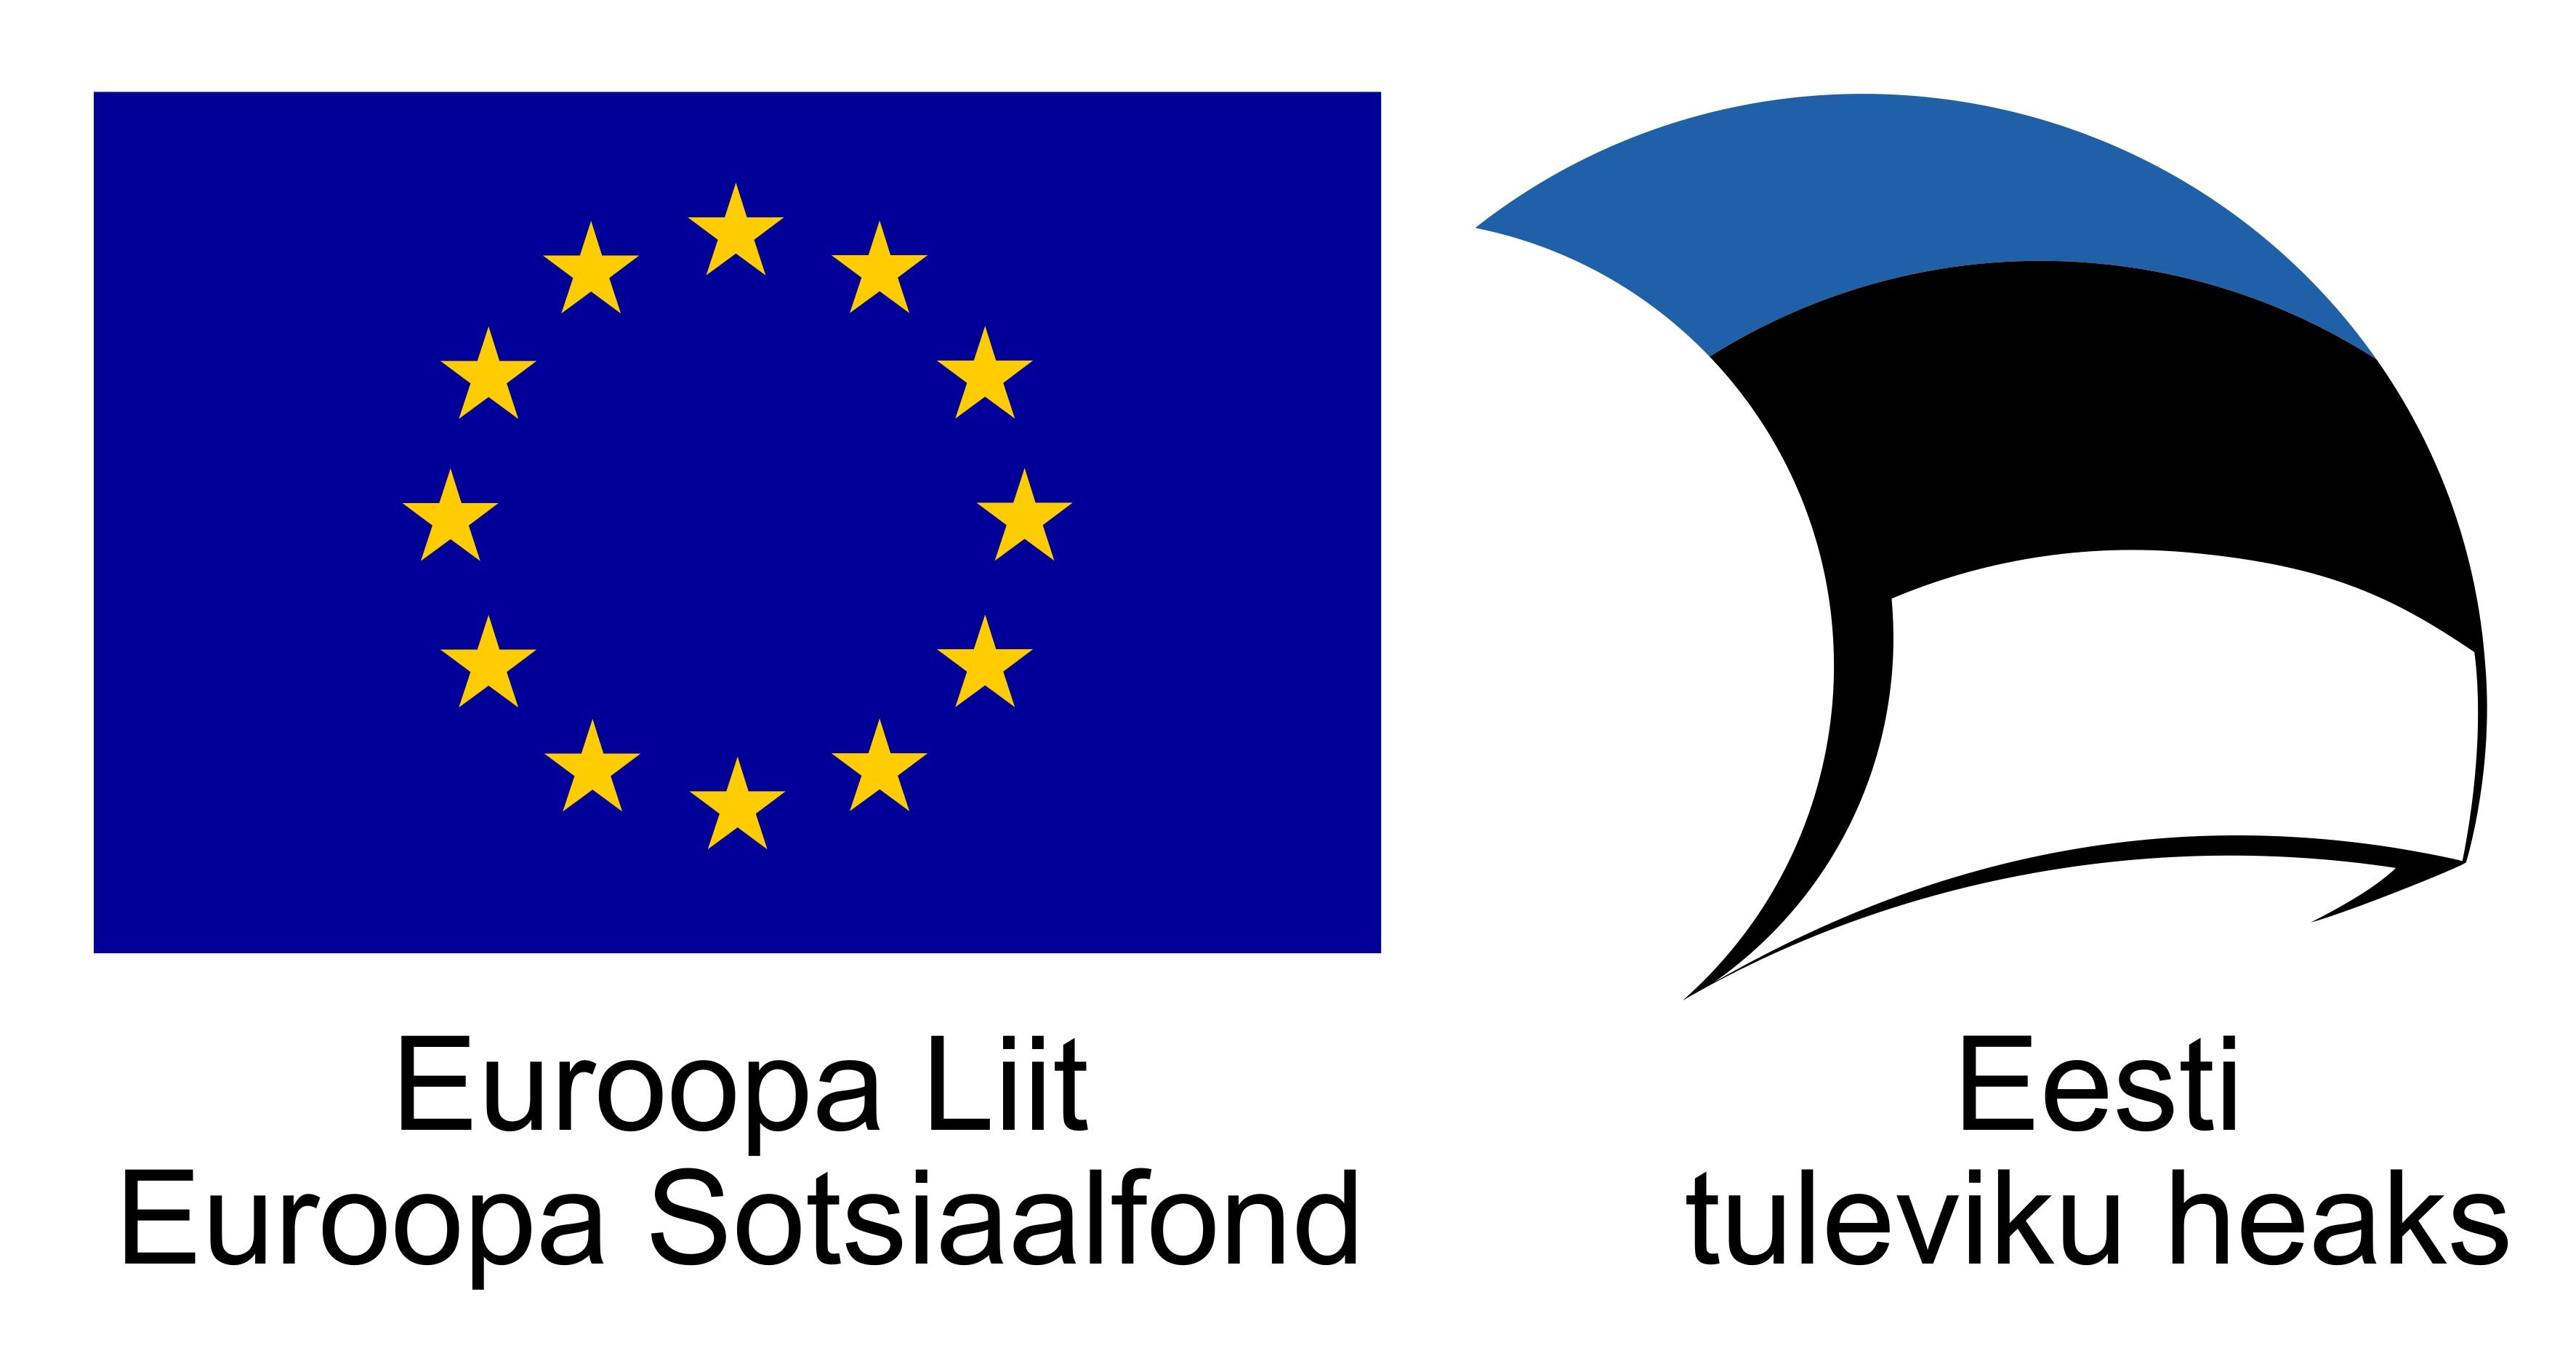 Euroopa Sotsiaalfond